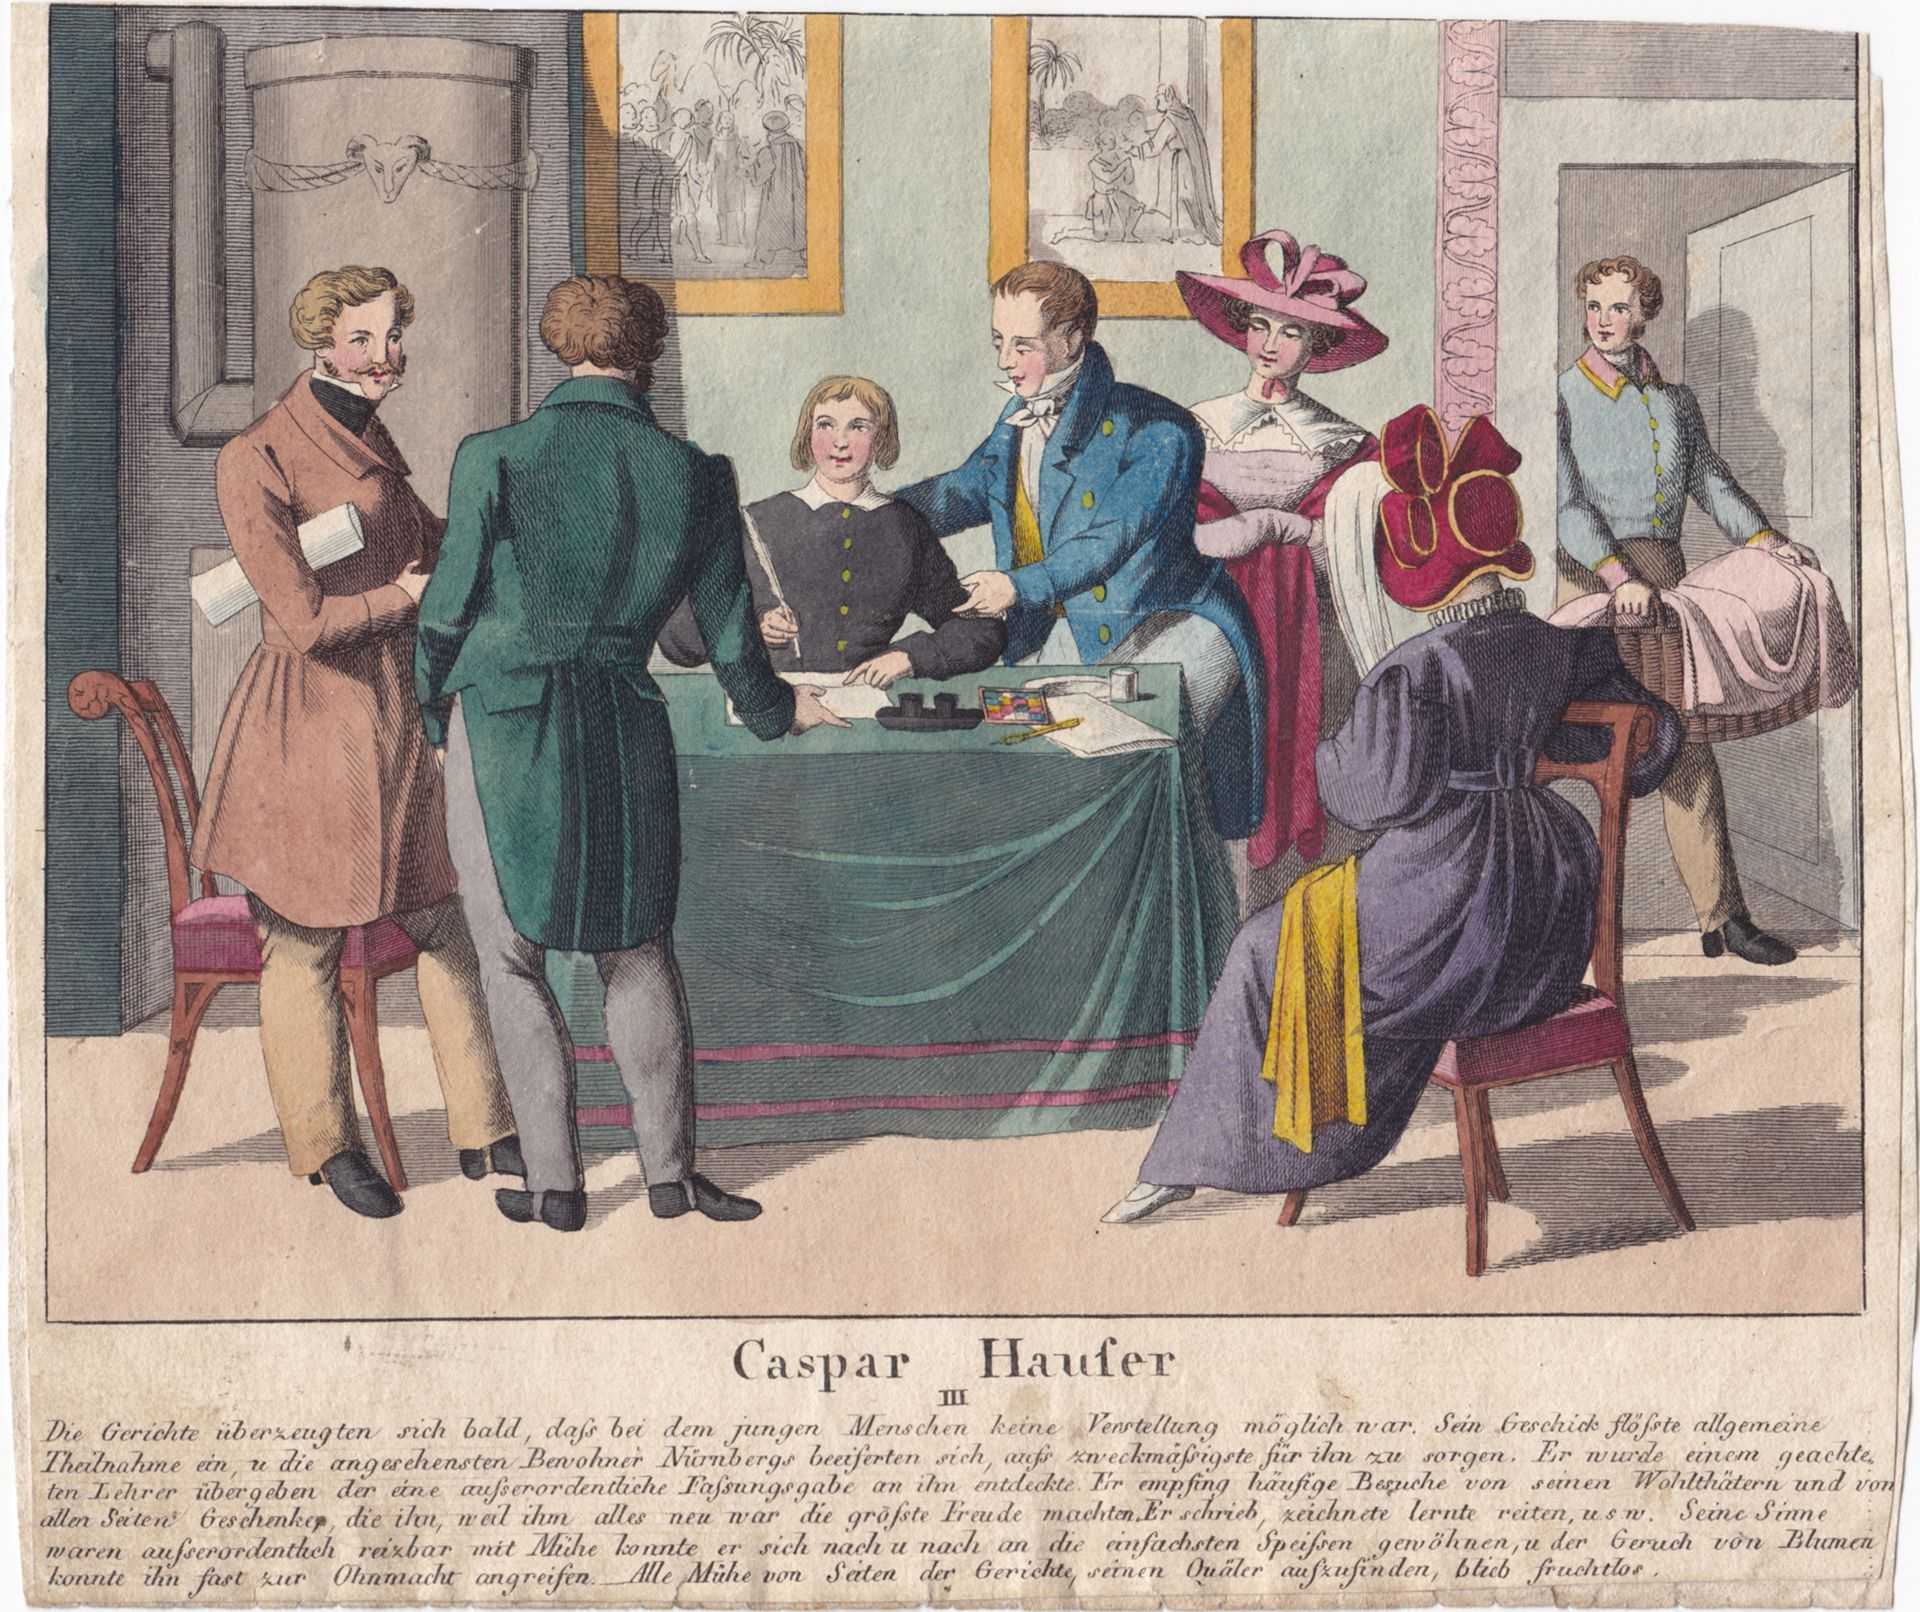 Caspar Hauser III Total view